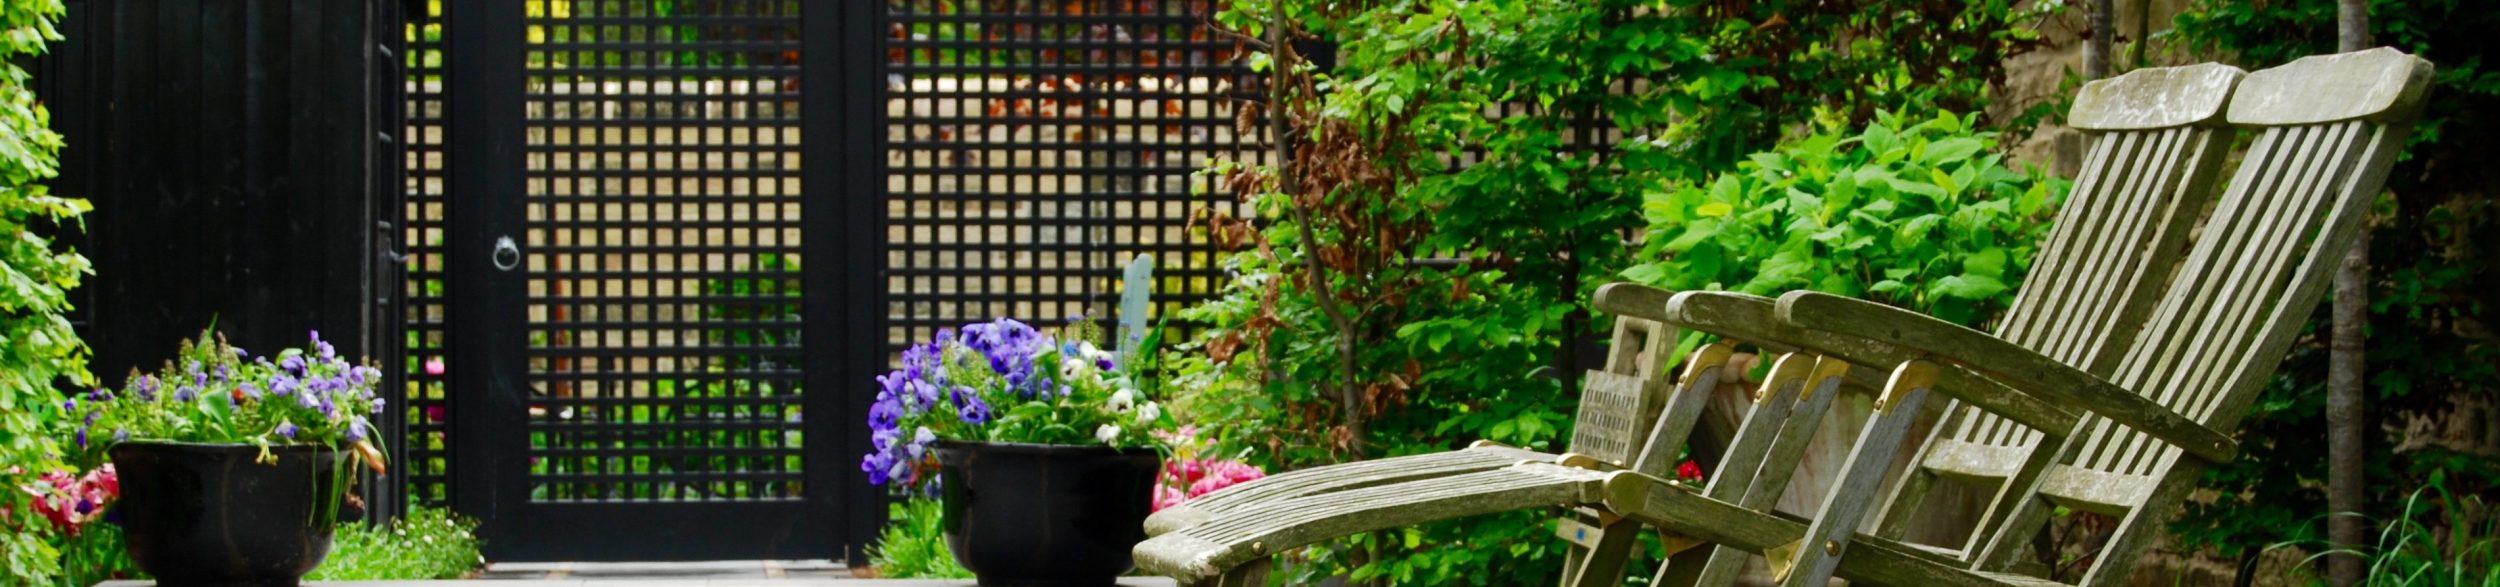 Fencing gates garden boundaries garden design by water gems baanklon Gallery